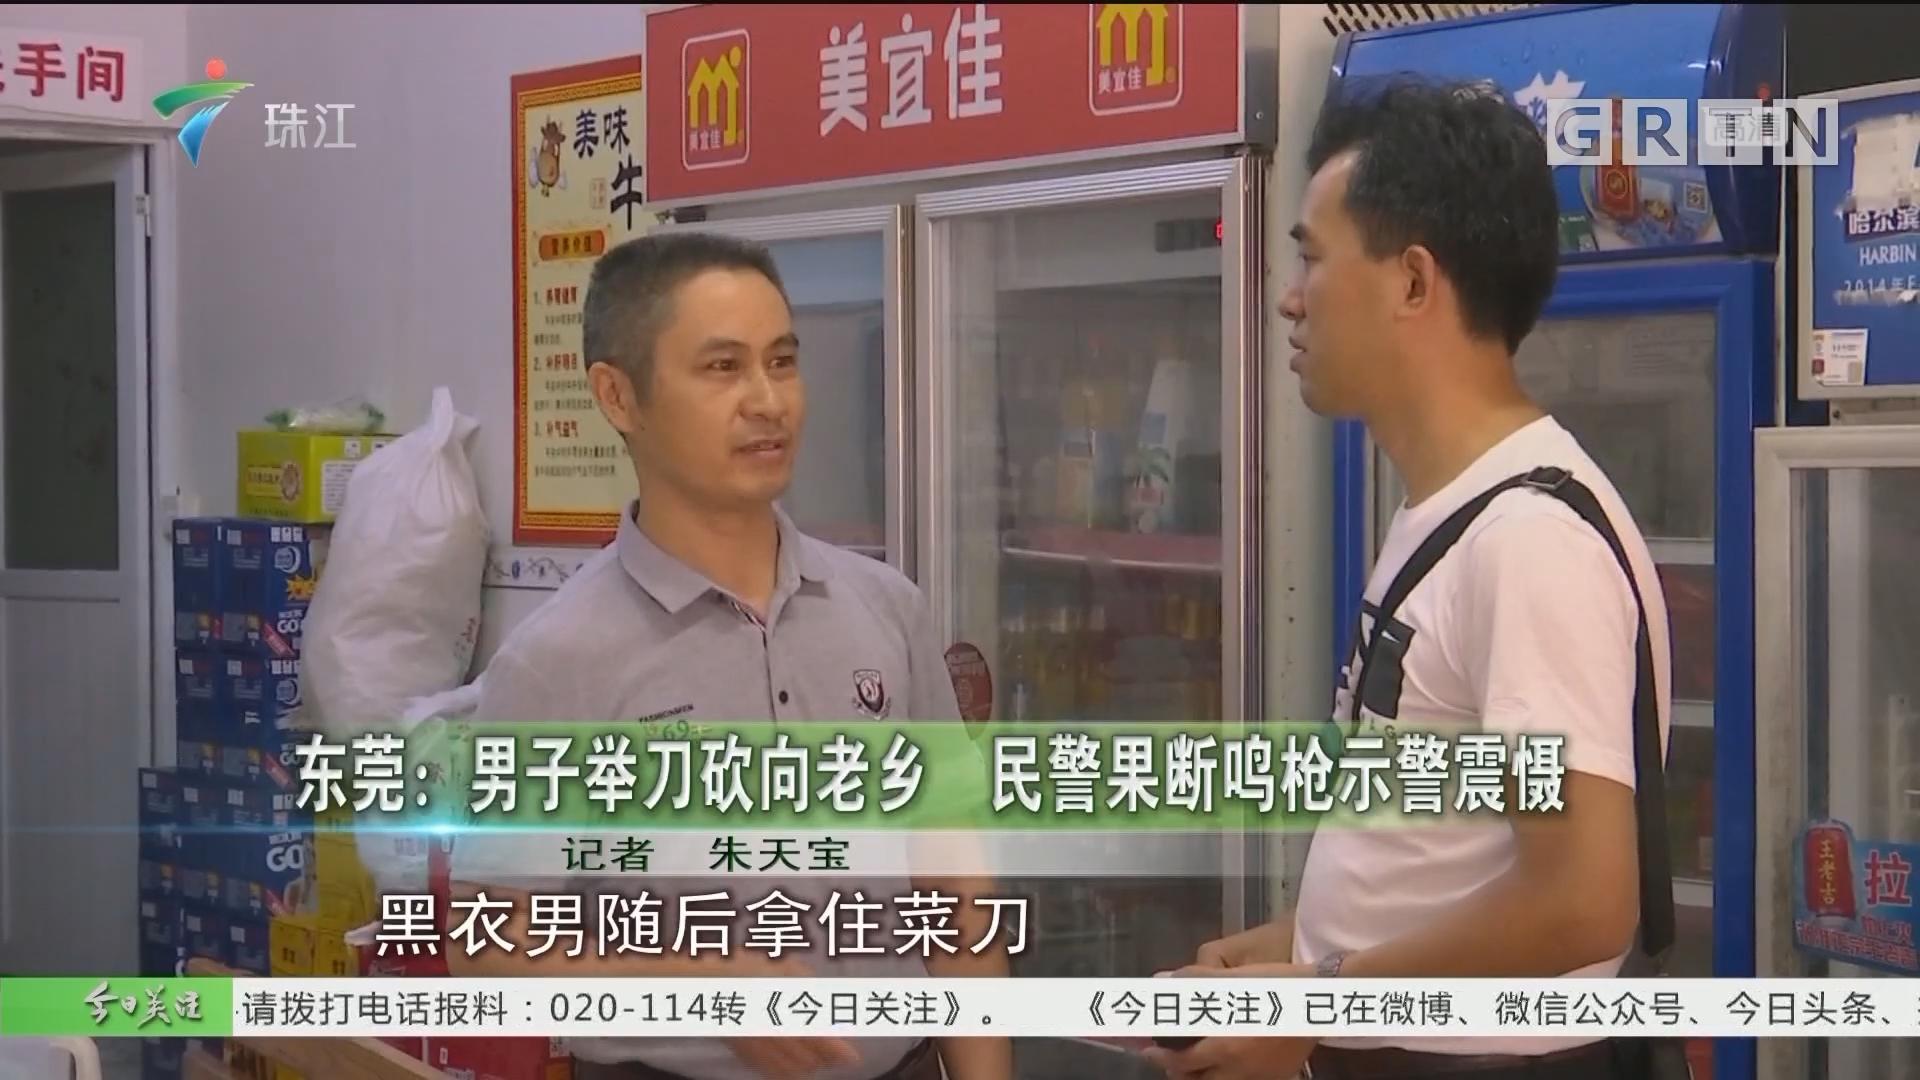 东莞:男子举刀砍向老乡 民警果断鸣枪示警震慑